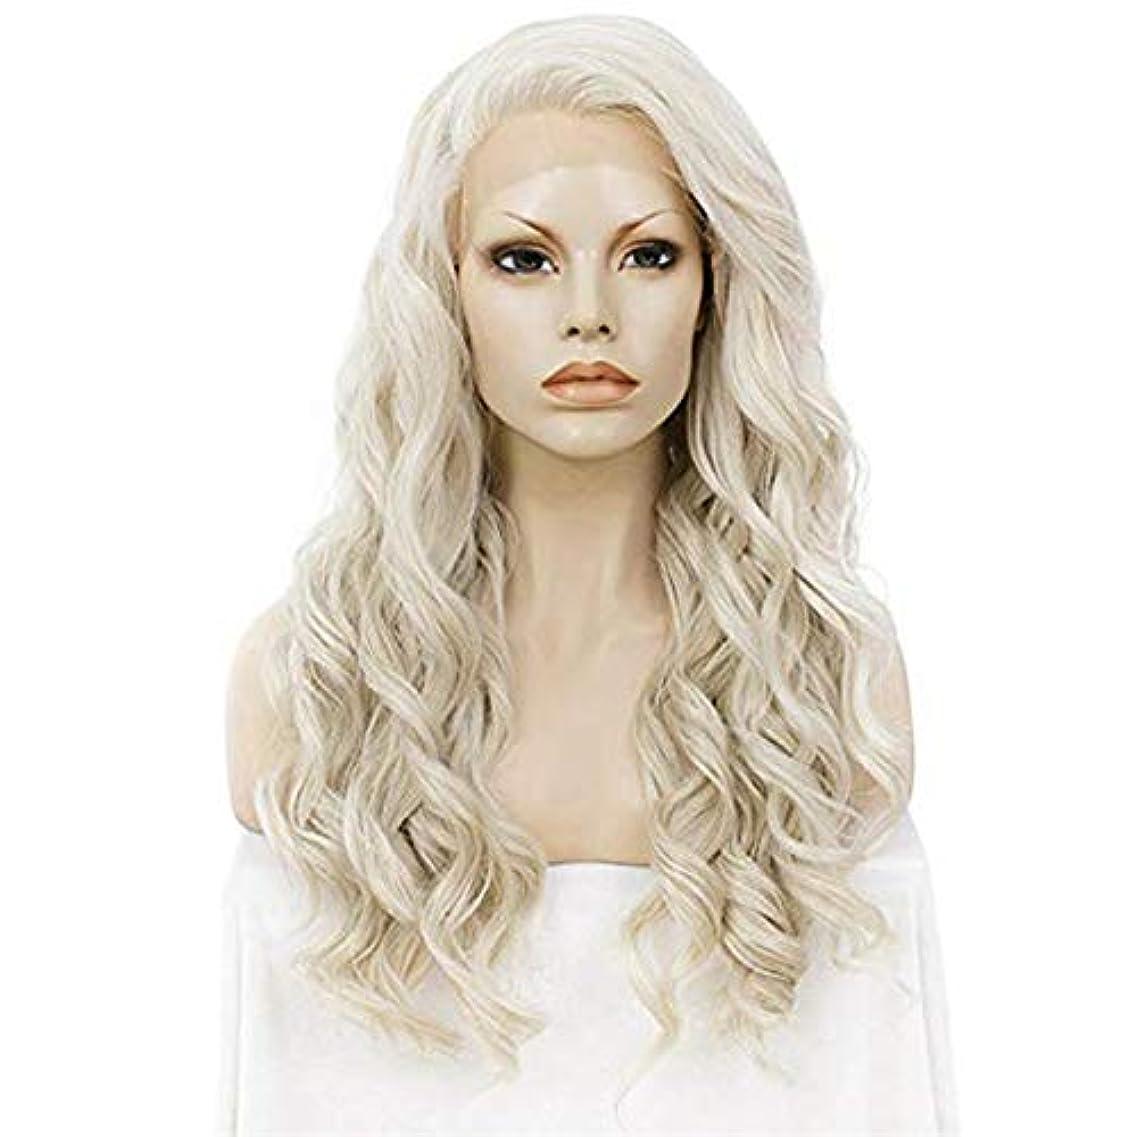 マチュピチュまともな称賛ヘアピース ヨーロッパおよびアメリカの女性の長い巻き毛のレースの金の大きい波の化学繊維の毛の自然なかつらの毛セット